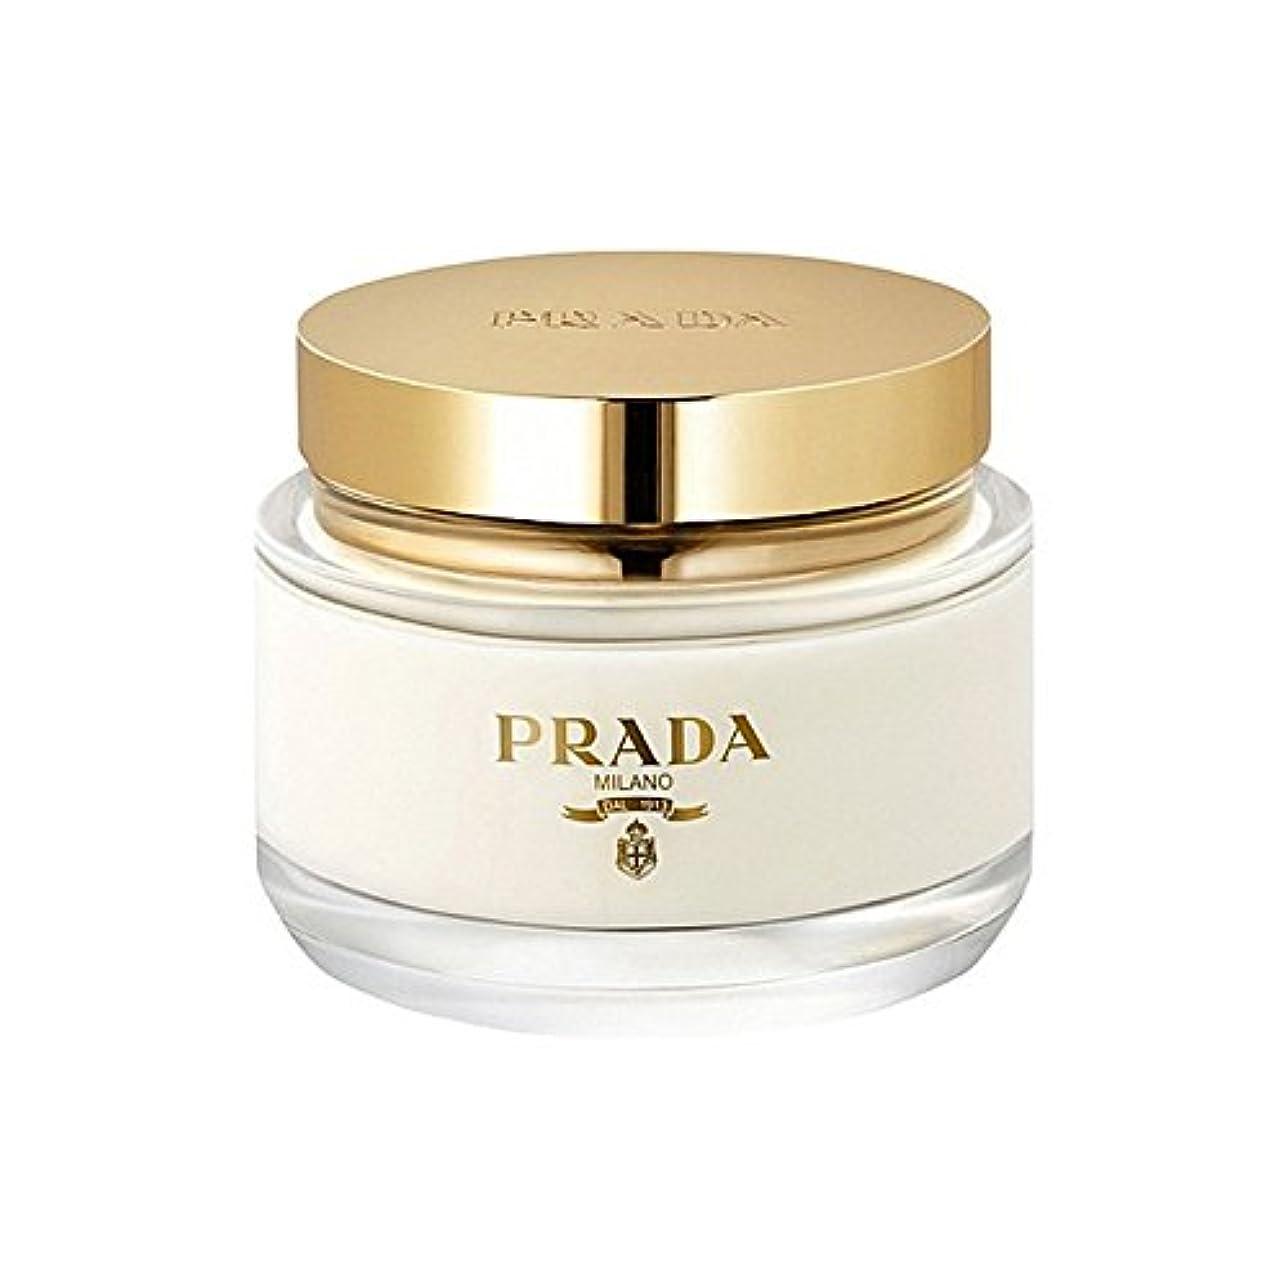 取り扱い腐敗シェーバーPrada La Femme Body Cream 200ml (Pack of 6) - プラダラファムボディクリーム200ミリリットル x6 [並行輸入品]